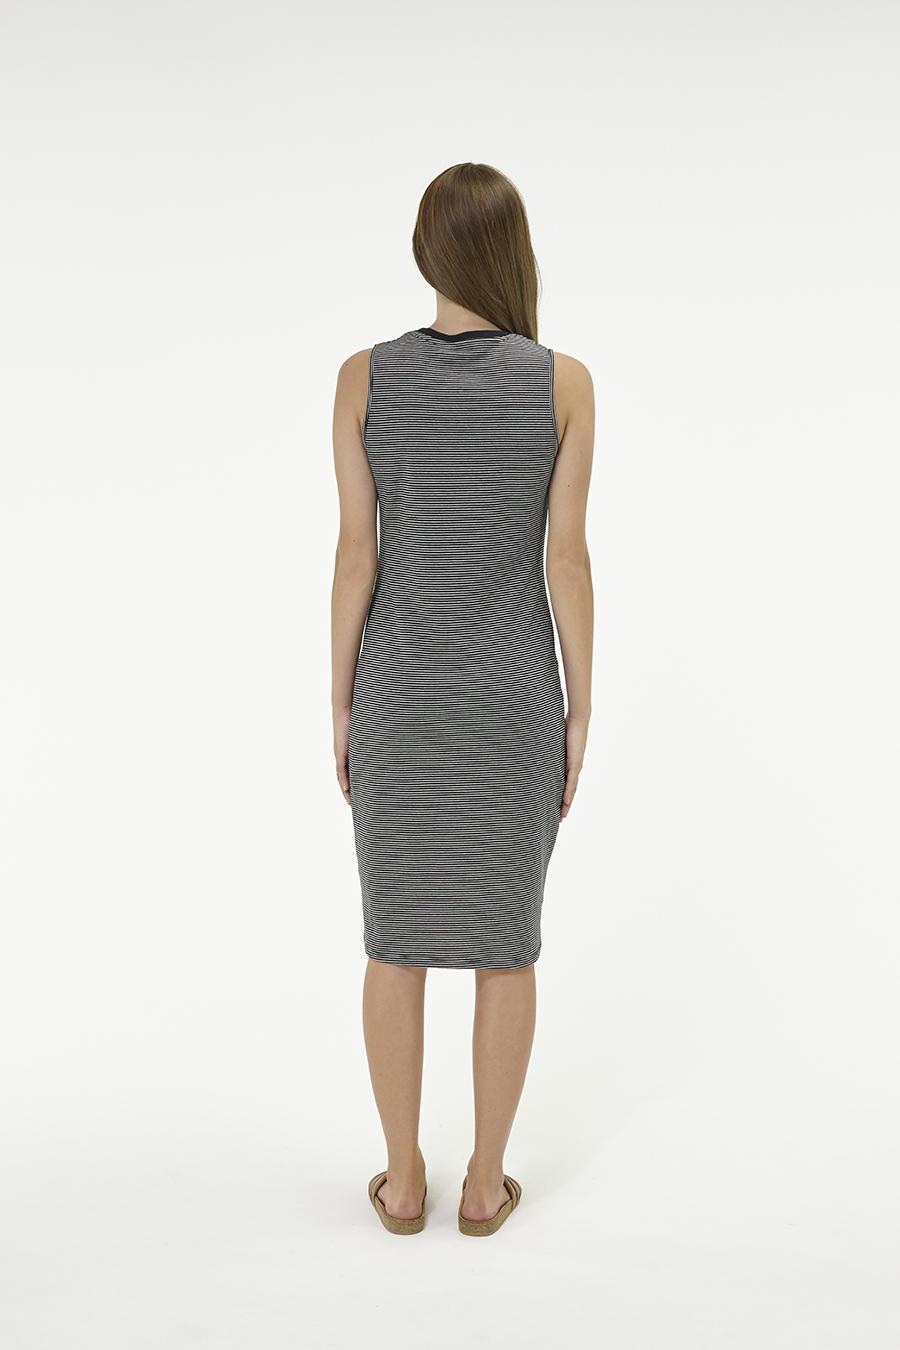 Huffer_Q3-16_W-Club-Stella-Dress_Black-03